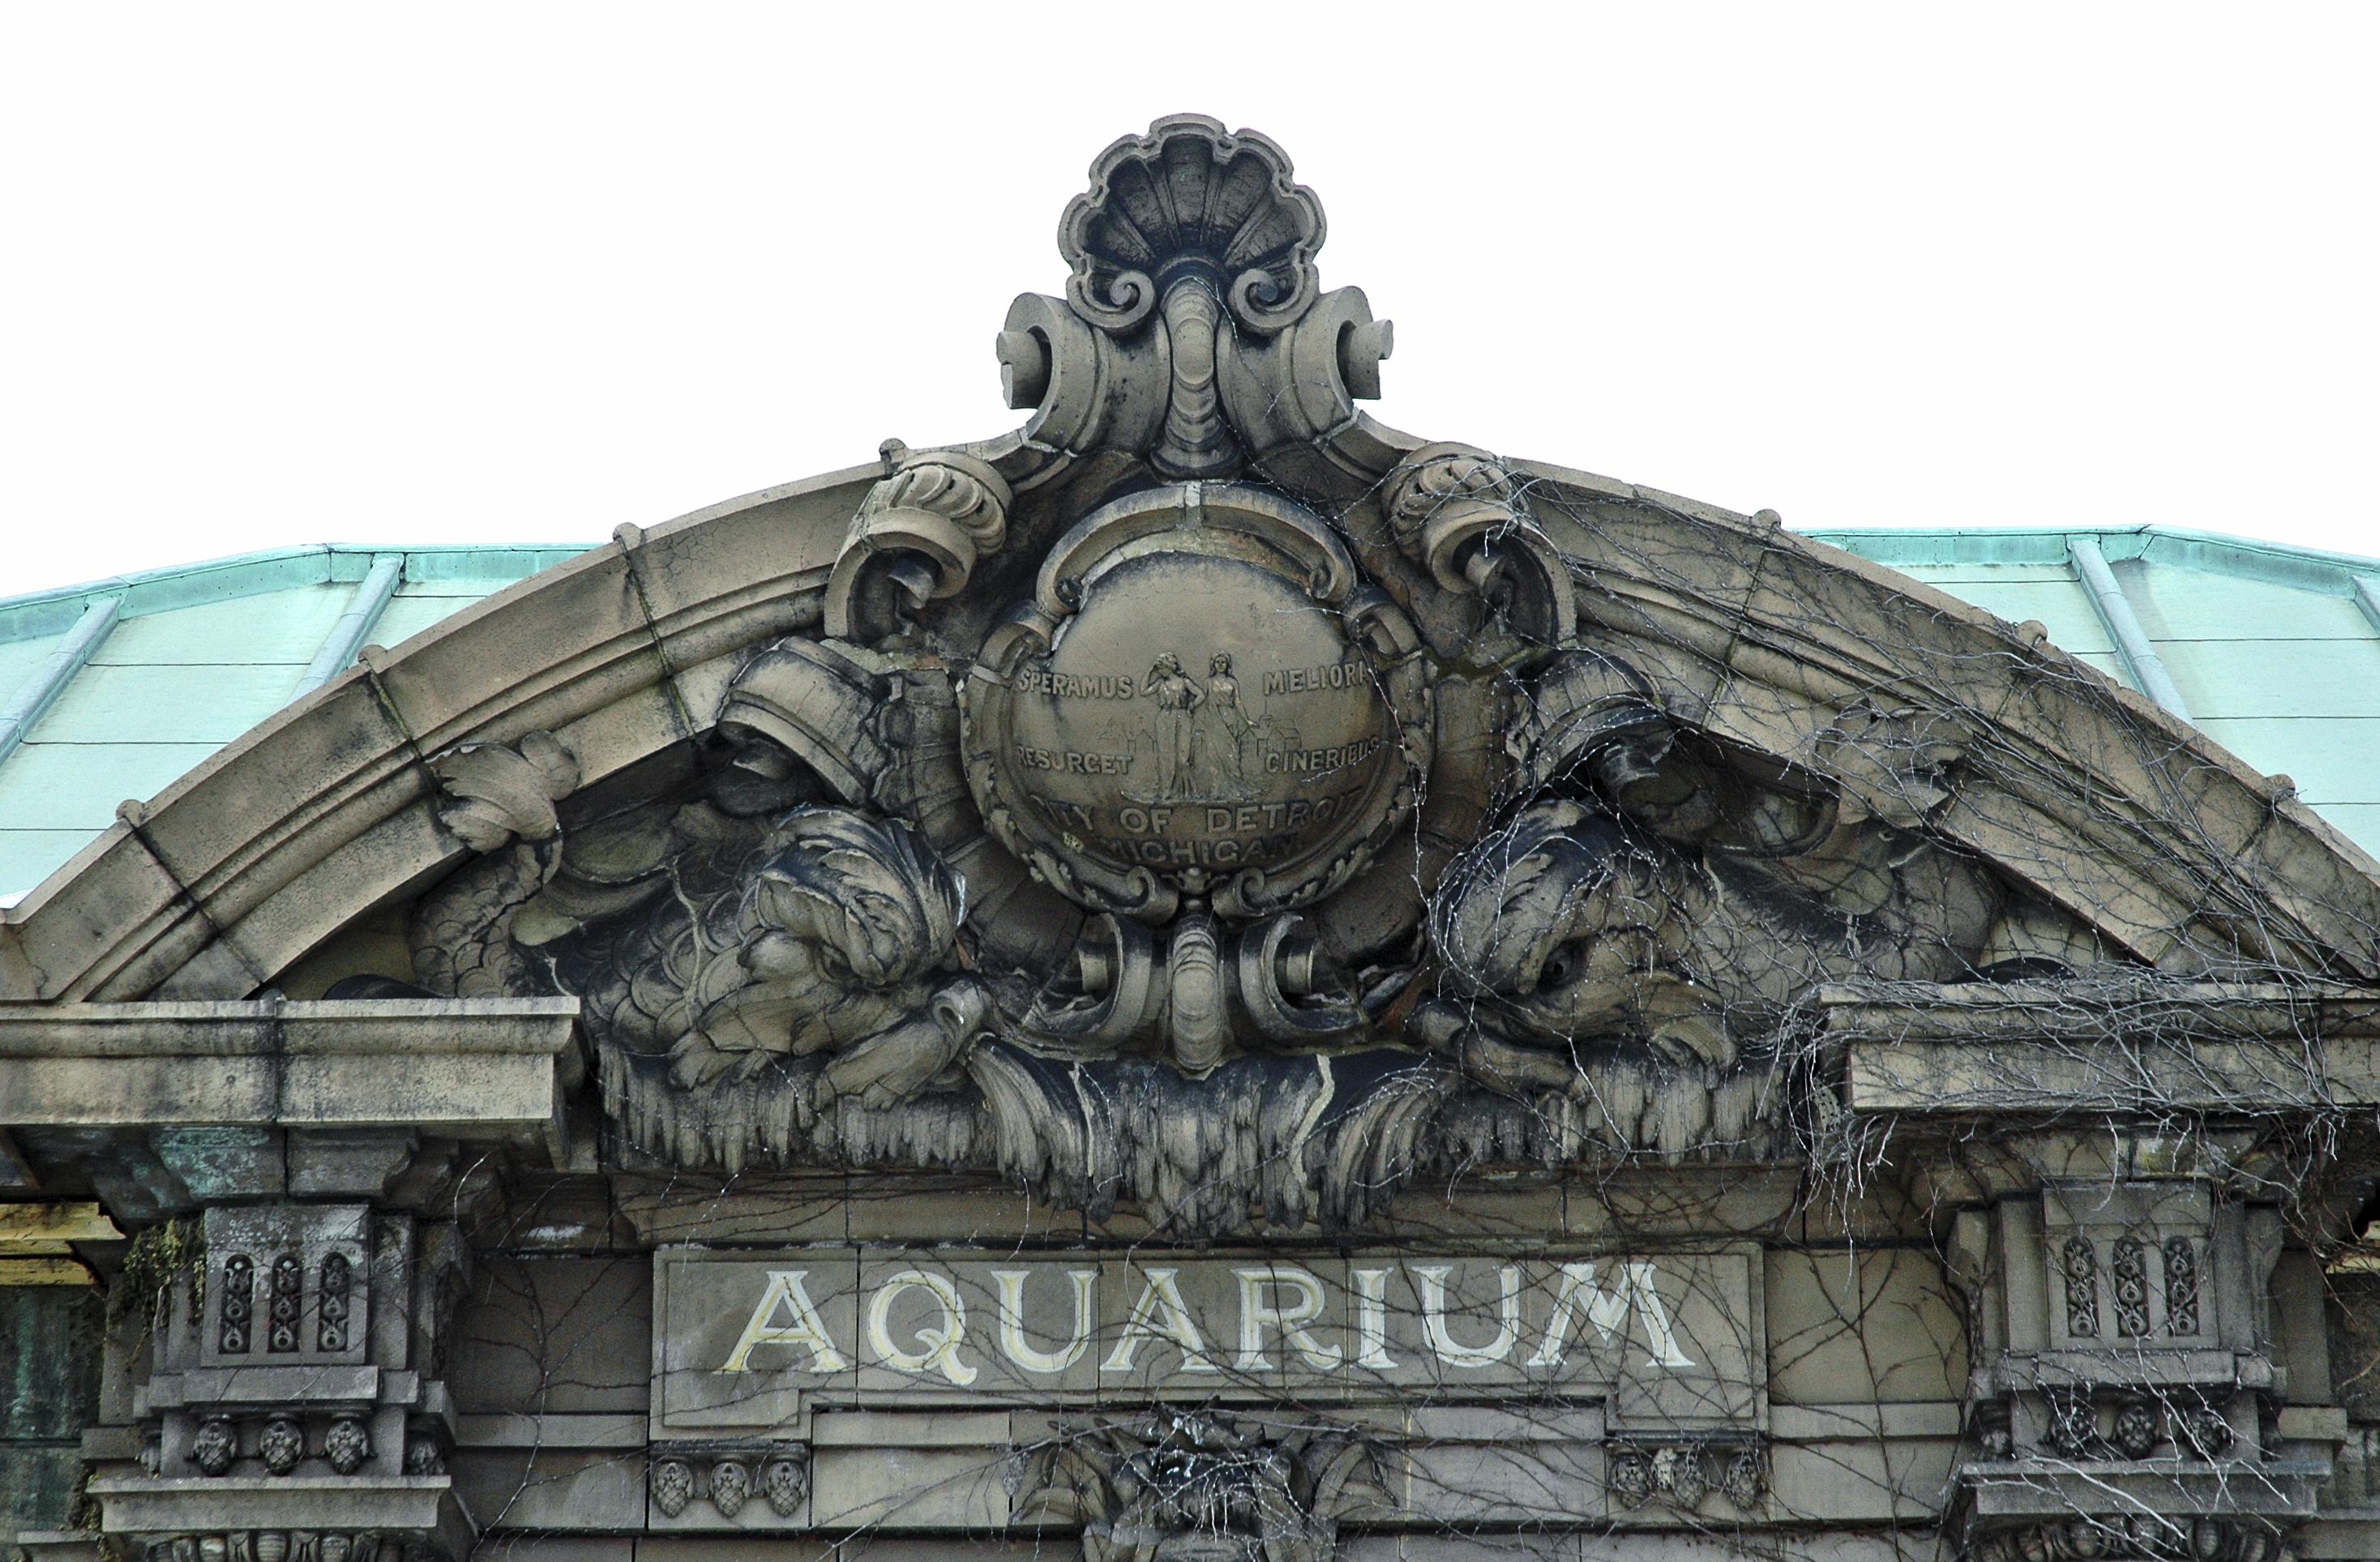 Detroit bikeblog cycling the renaissance city for Aquarium plat